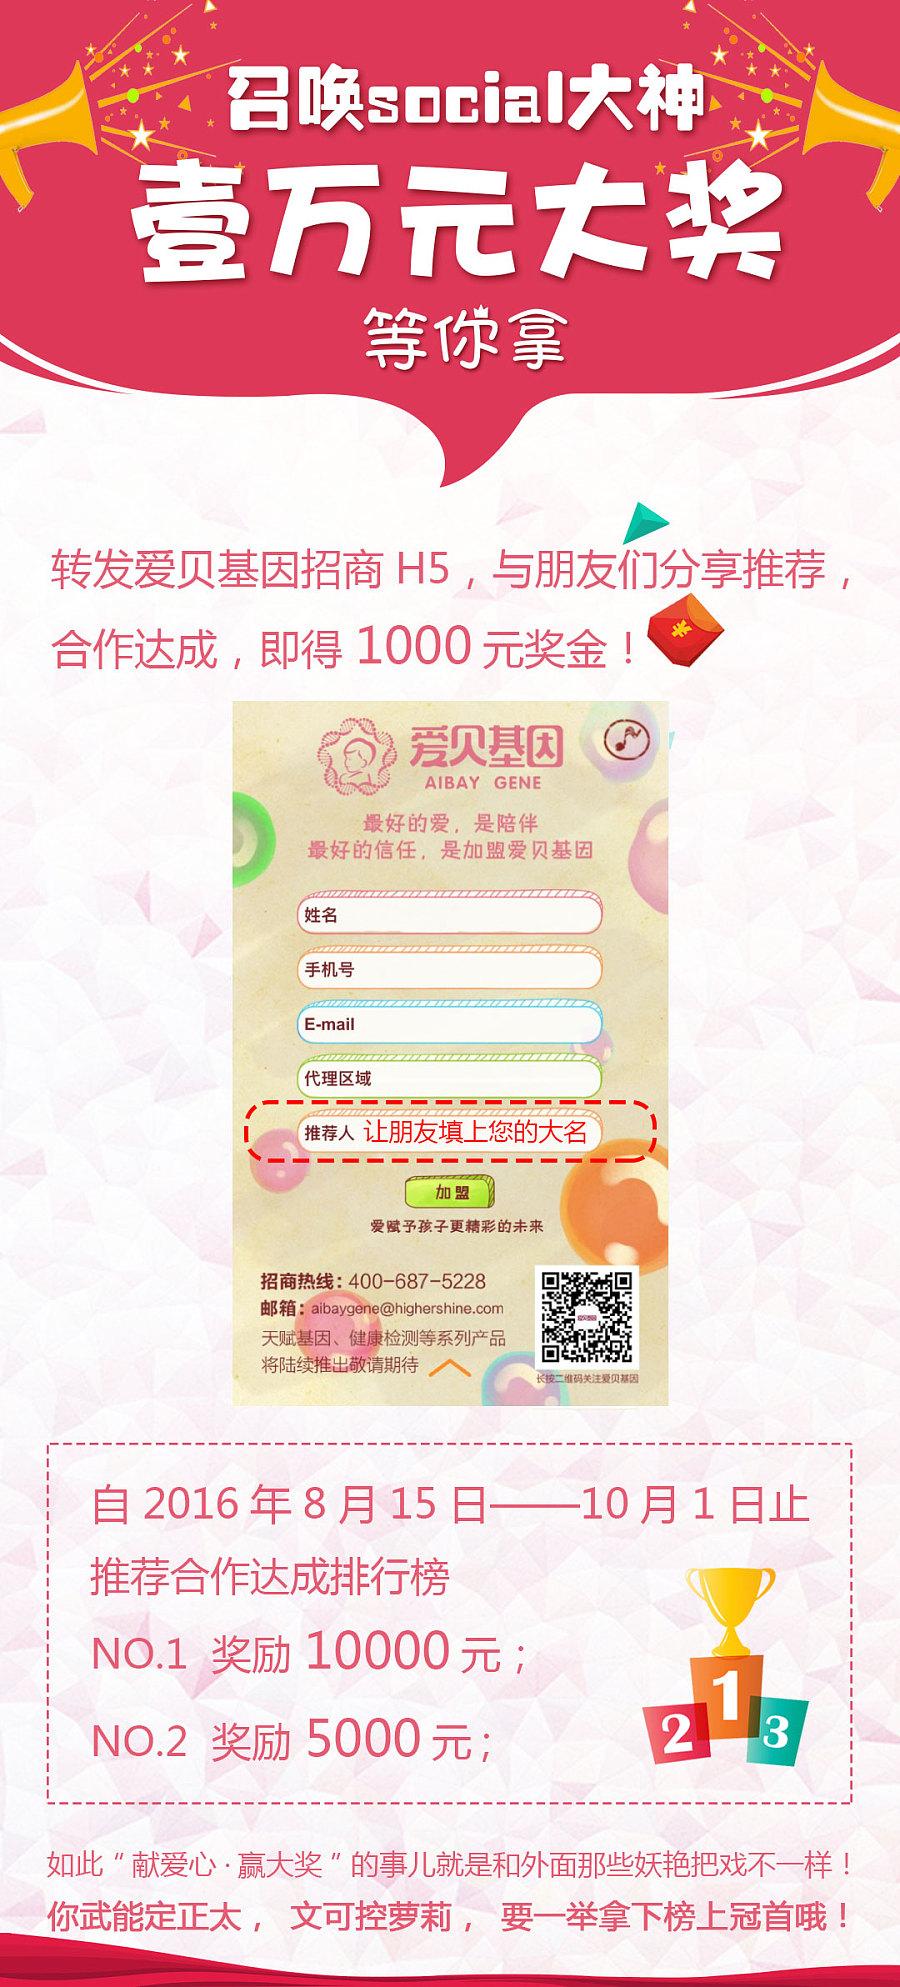 爱贝基因易拉宝 VI\/CI 平面 zhujing - 原创设计作